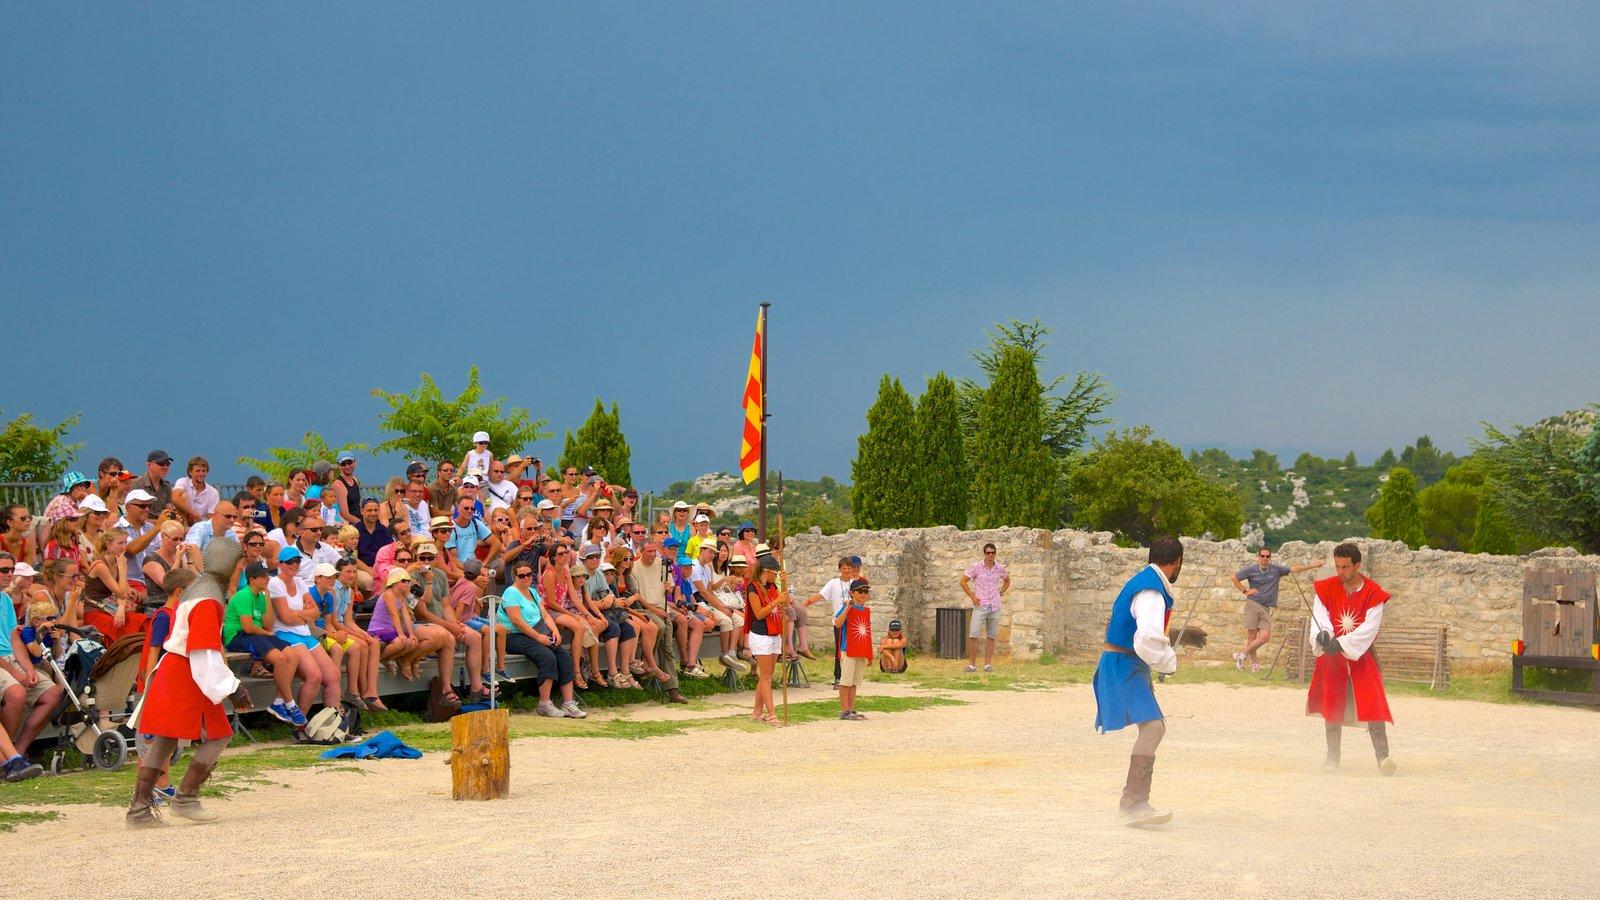 Chateau des Baux que inclui um castelo e arte performática assim como um grande grupo de pessoas